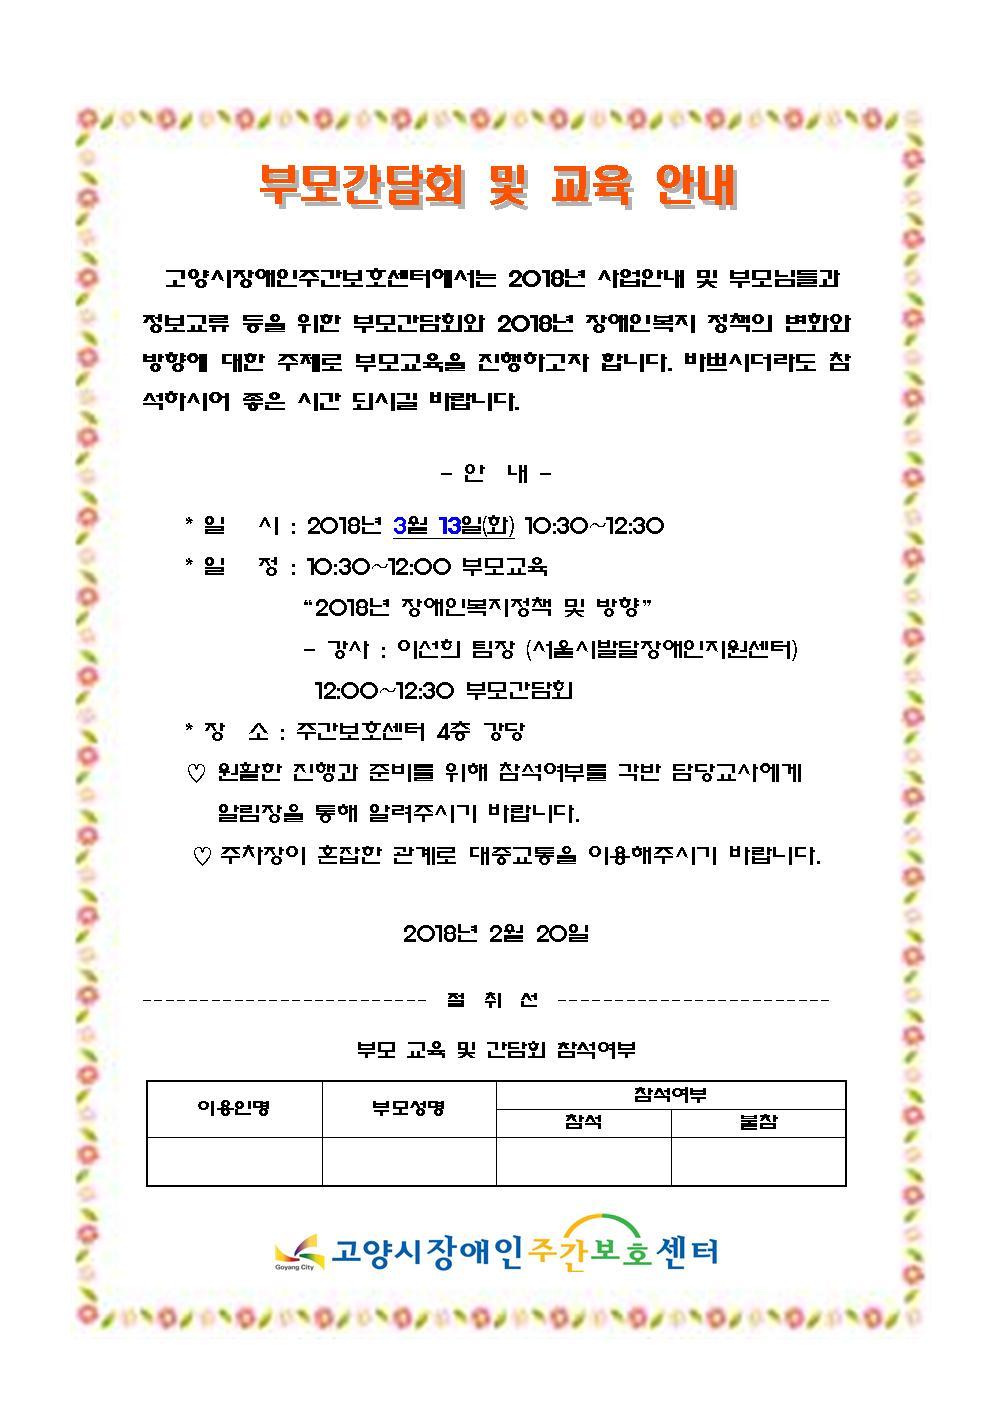 가정통신문(부모교육및 간담회) 3월13일001.jpg